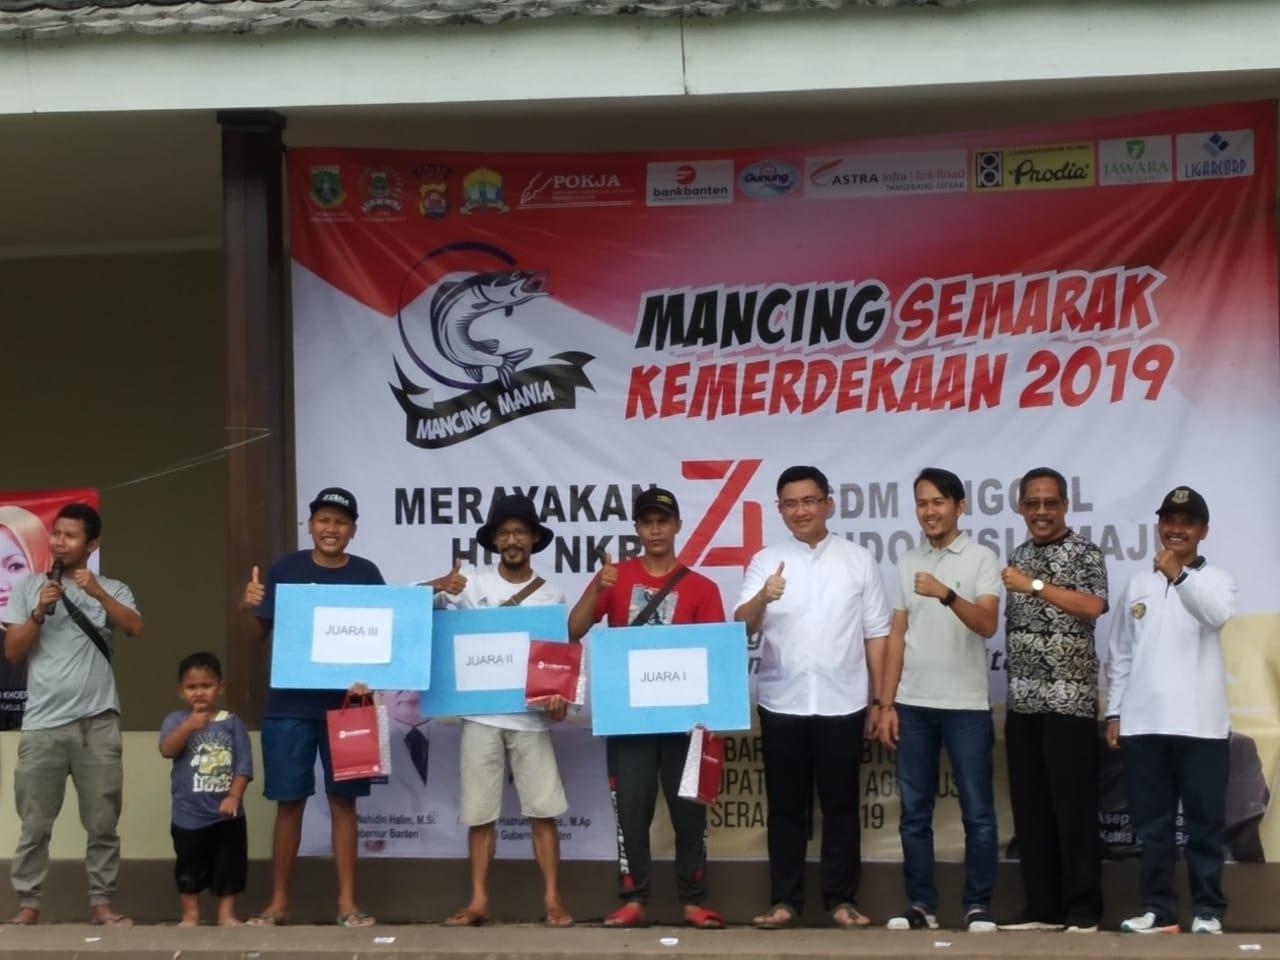 Humas Polda Banten hadiri lomba mancing semarak kemerdekaan Pokja Wartawan